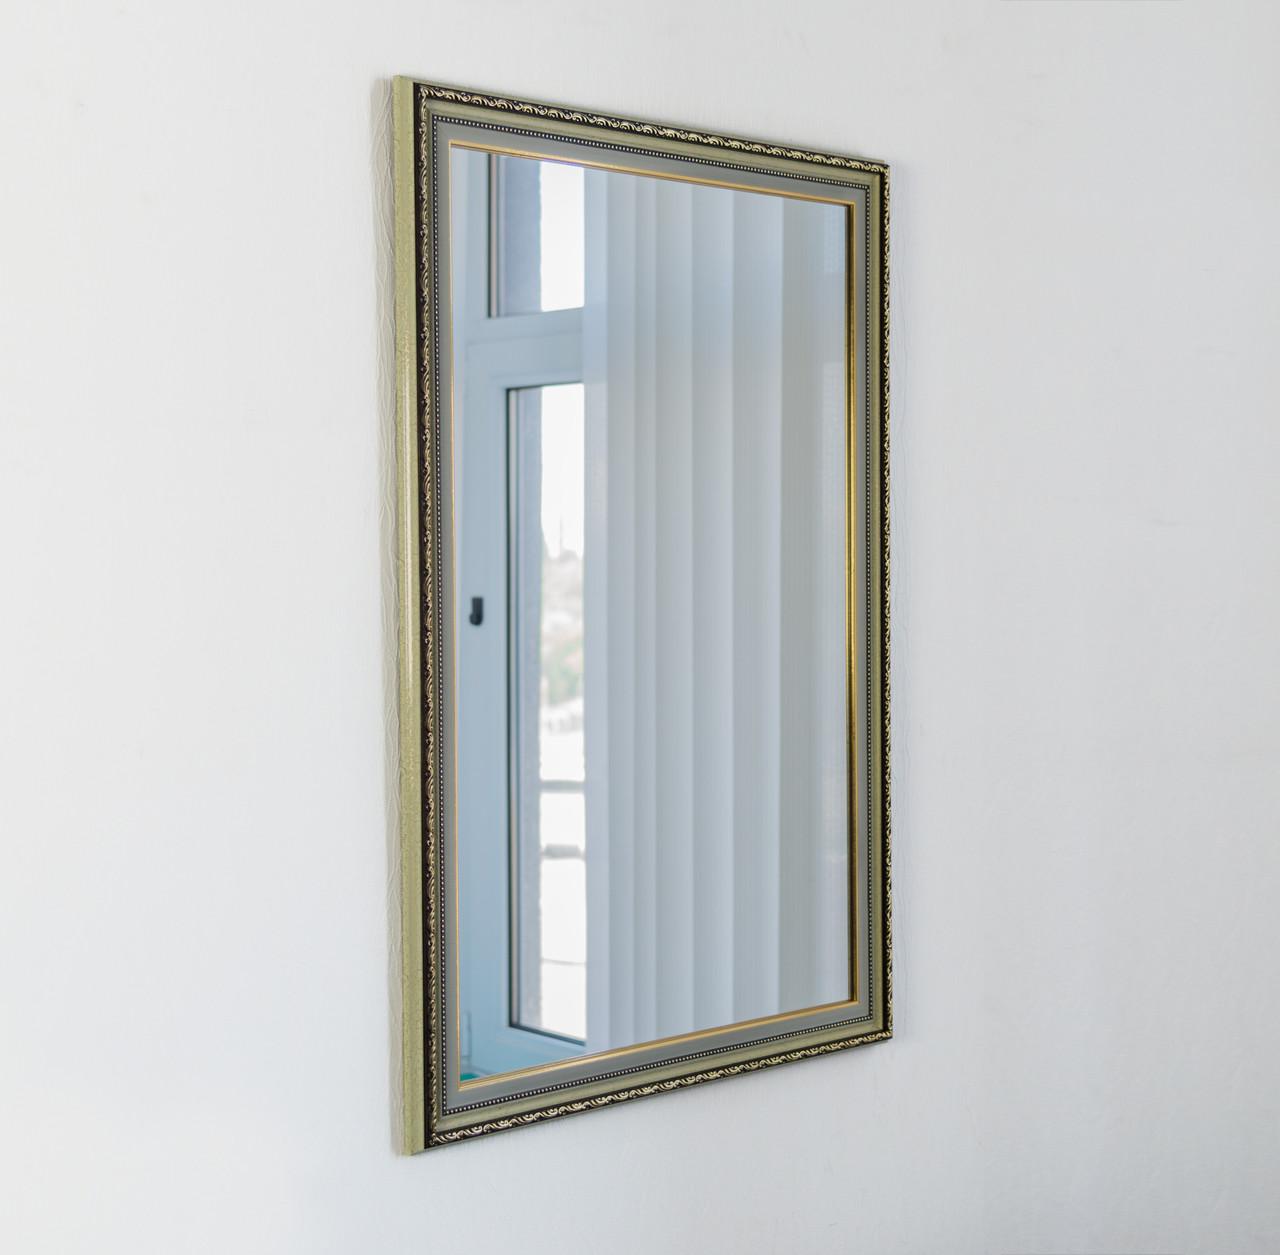 Зеркало в багете,  зеркала настенные, зеркала для ванной, прихожей 5227-46